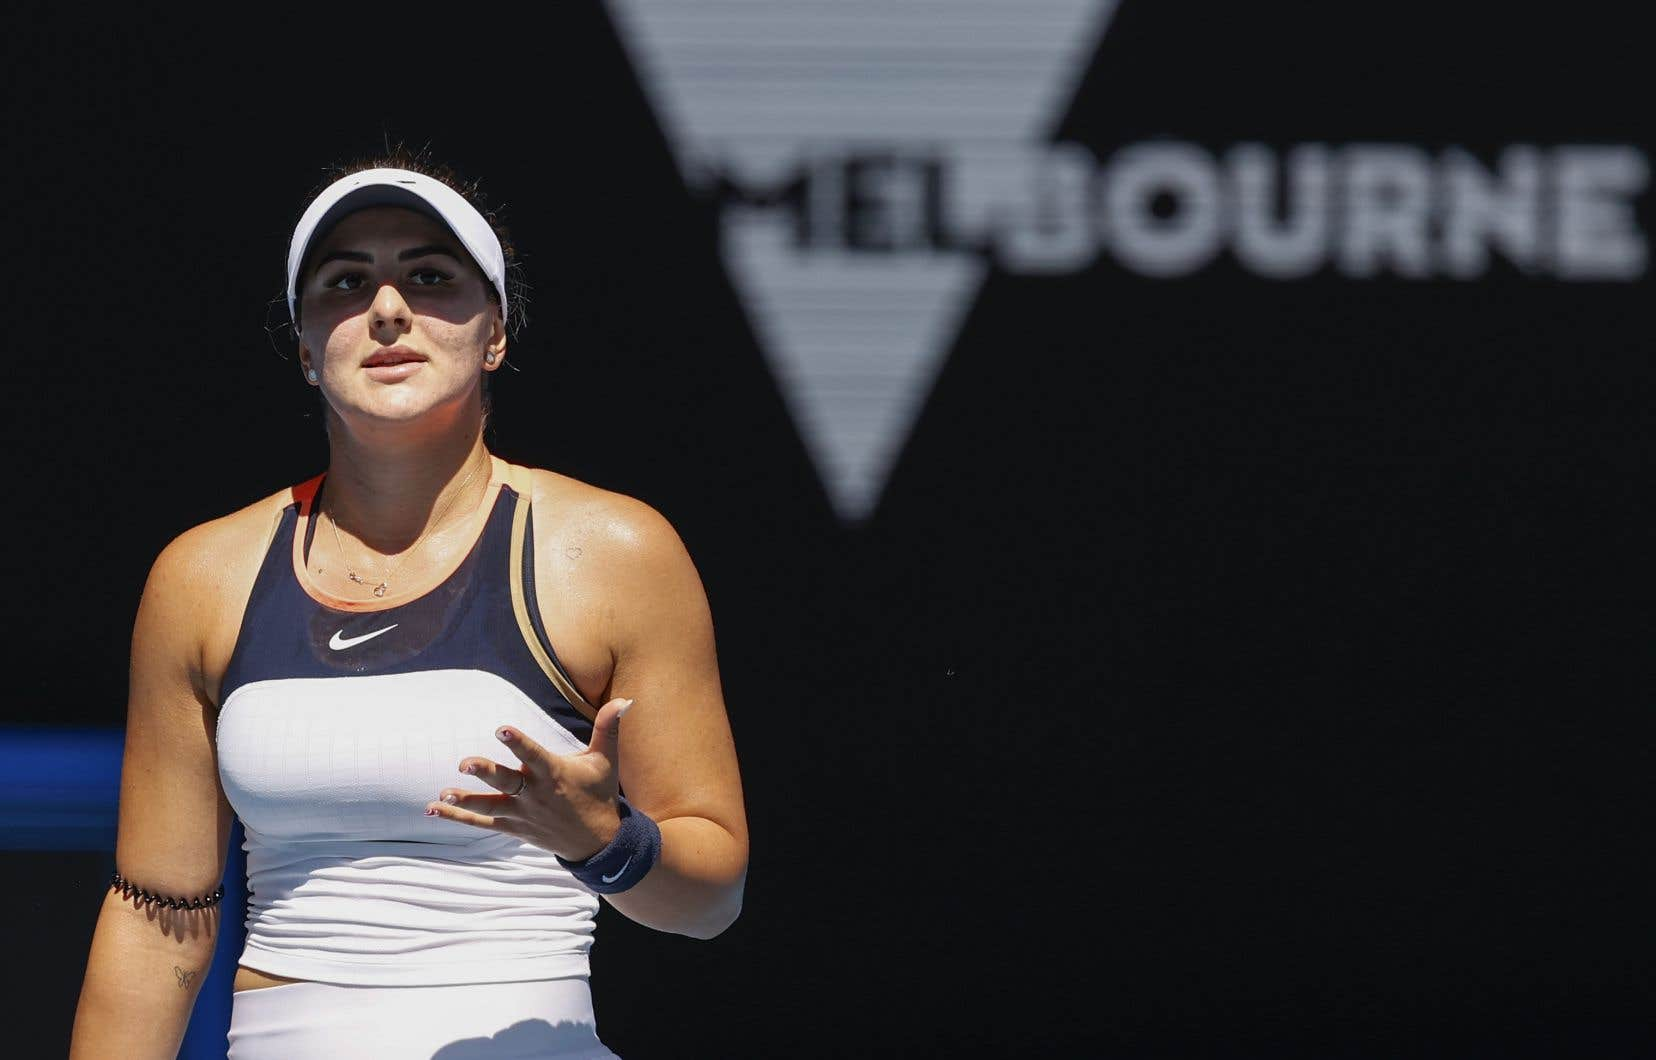 «J'espère pouvoir retourner sur le court très bientôt», a conclu Andreescu.